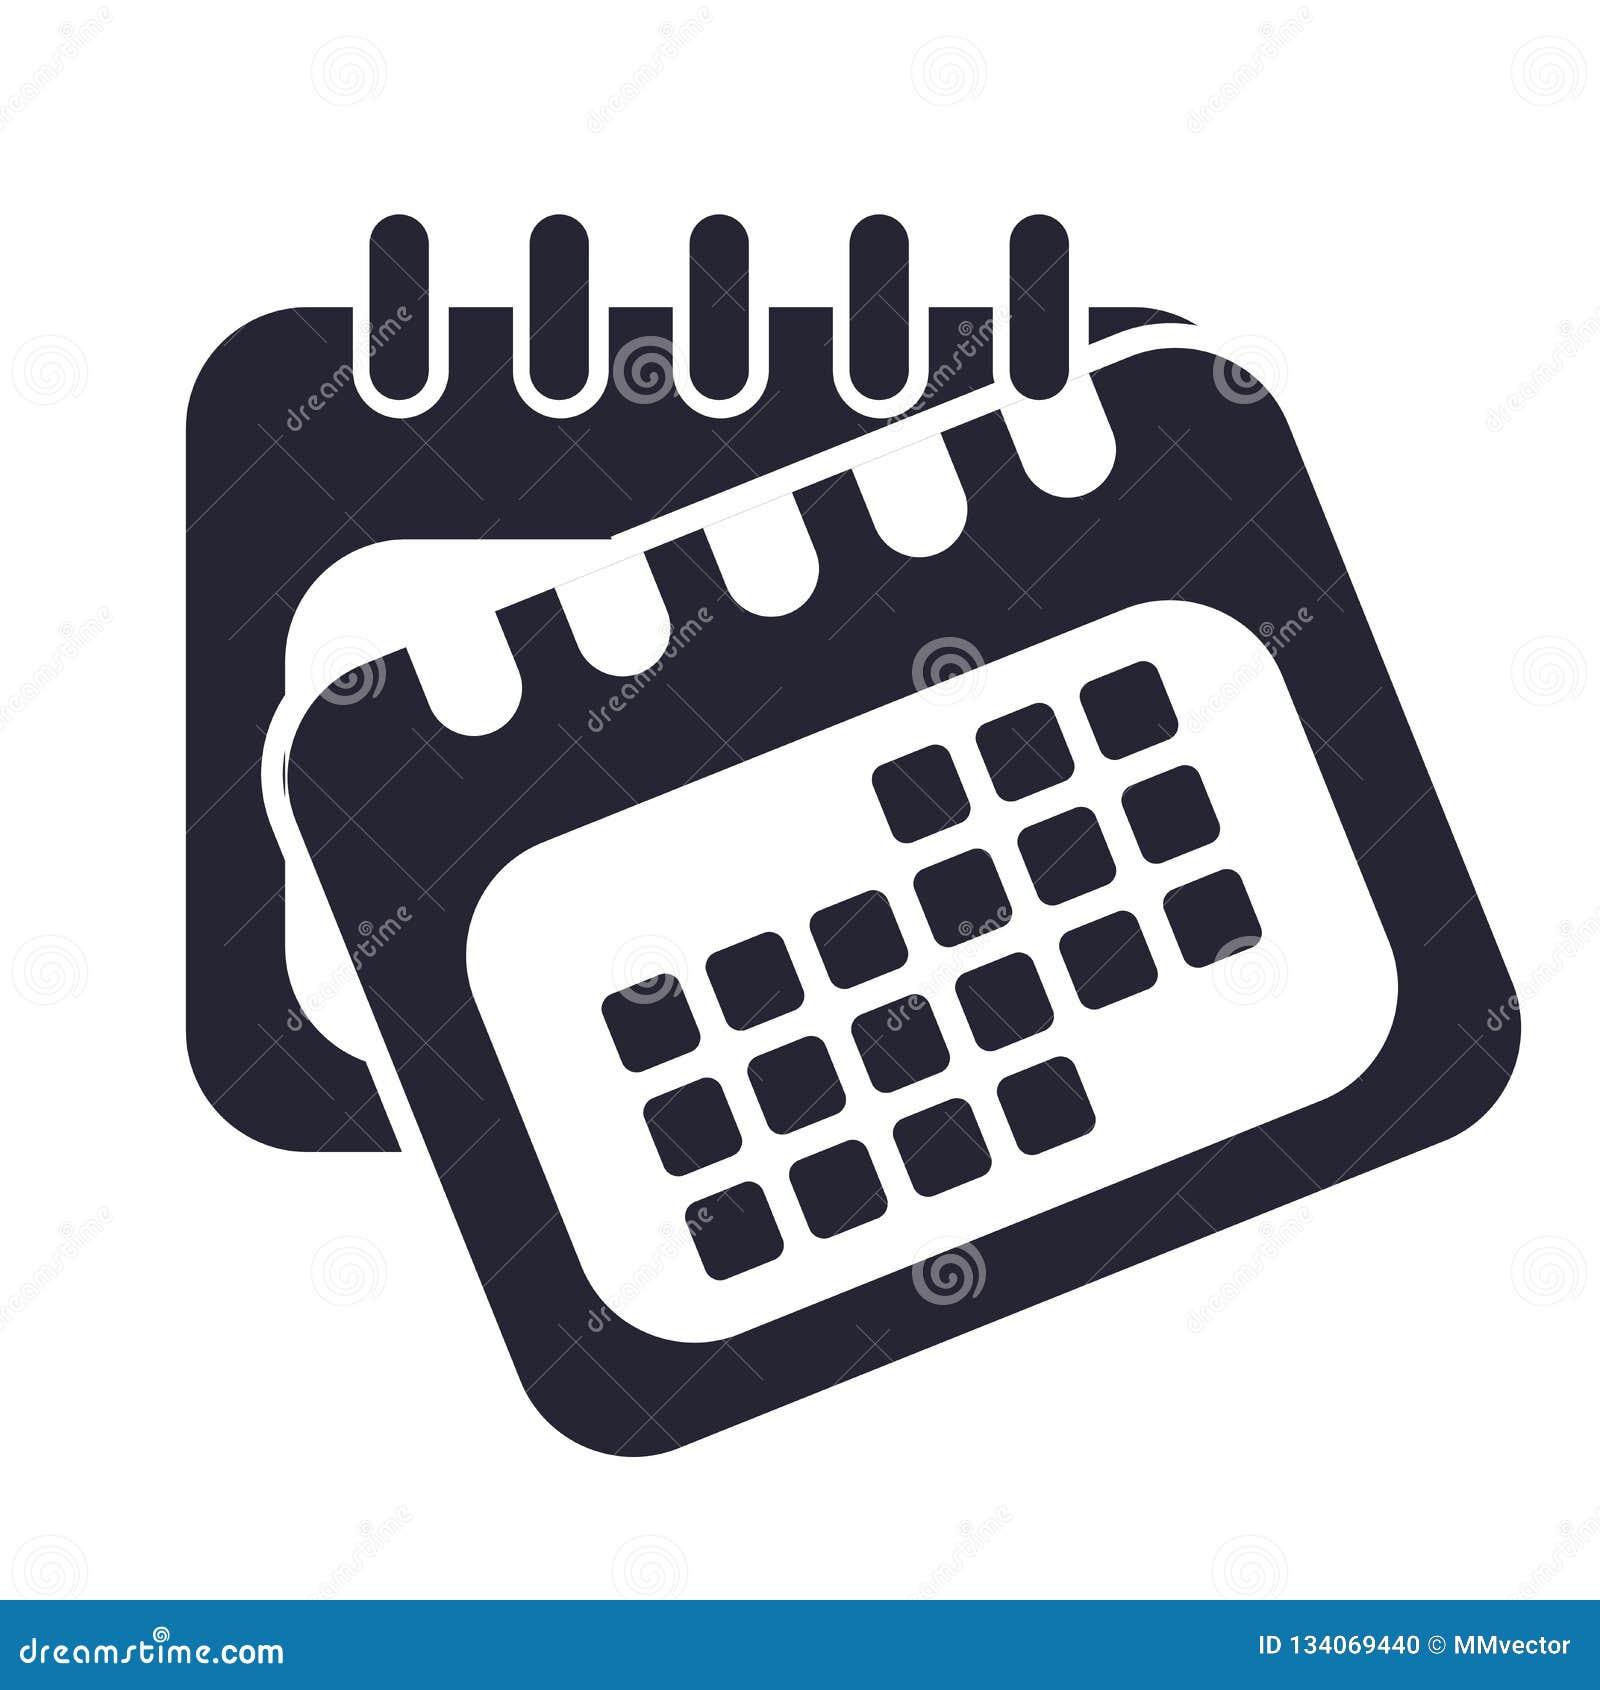 Calendar det symbolsvektortecknet och symbolet som isoleras på vit bakgrund, kalenderlogobegrepp